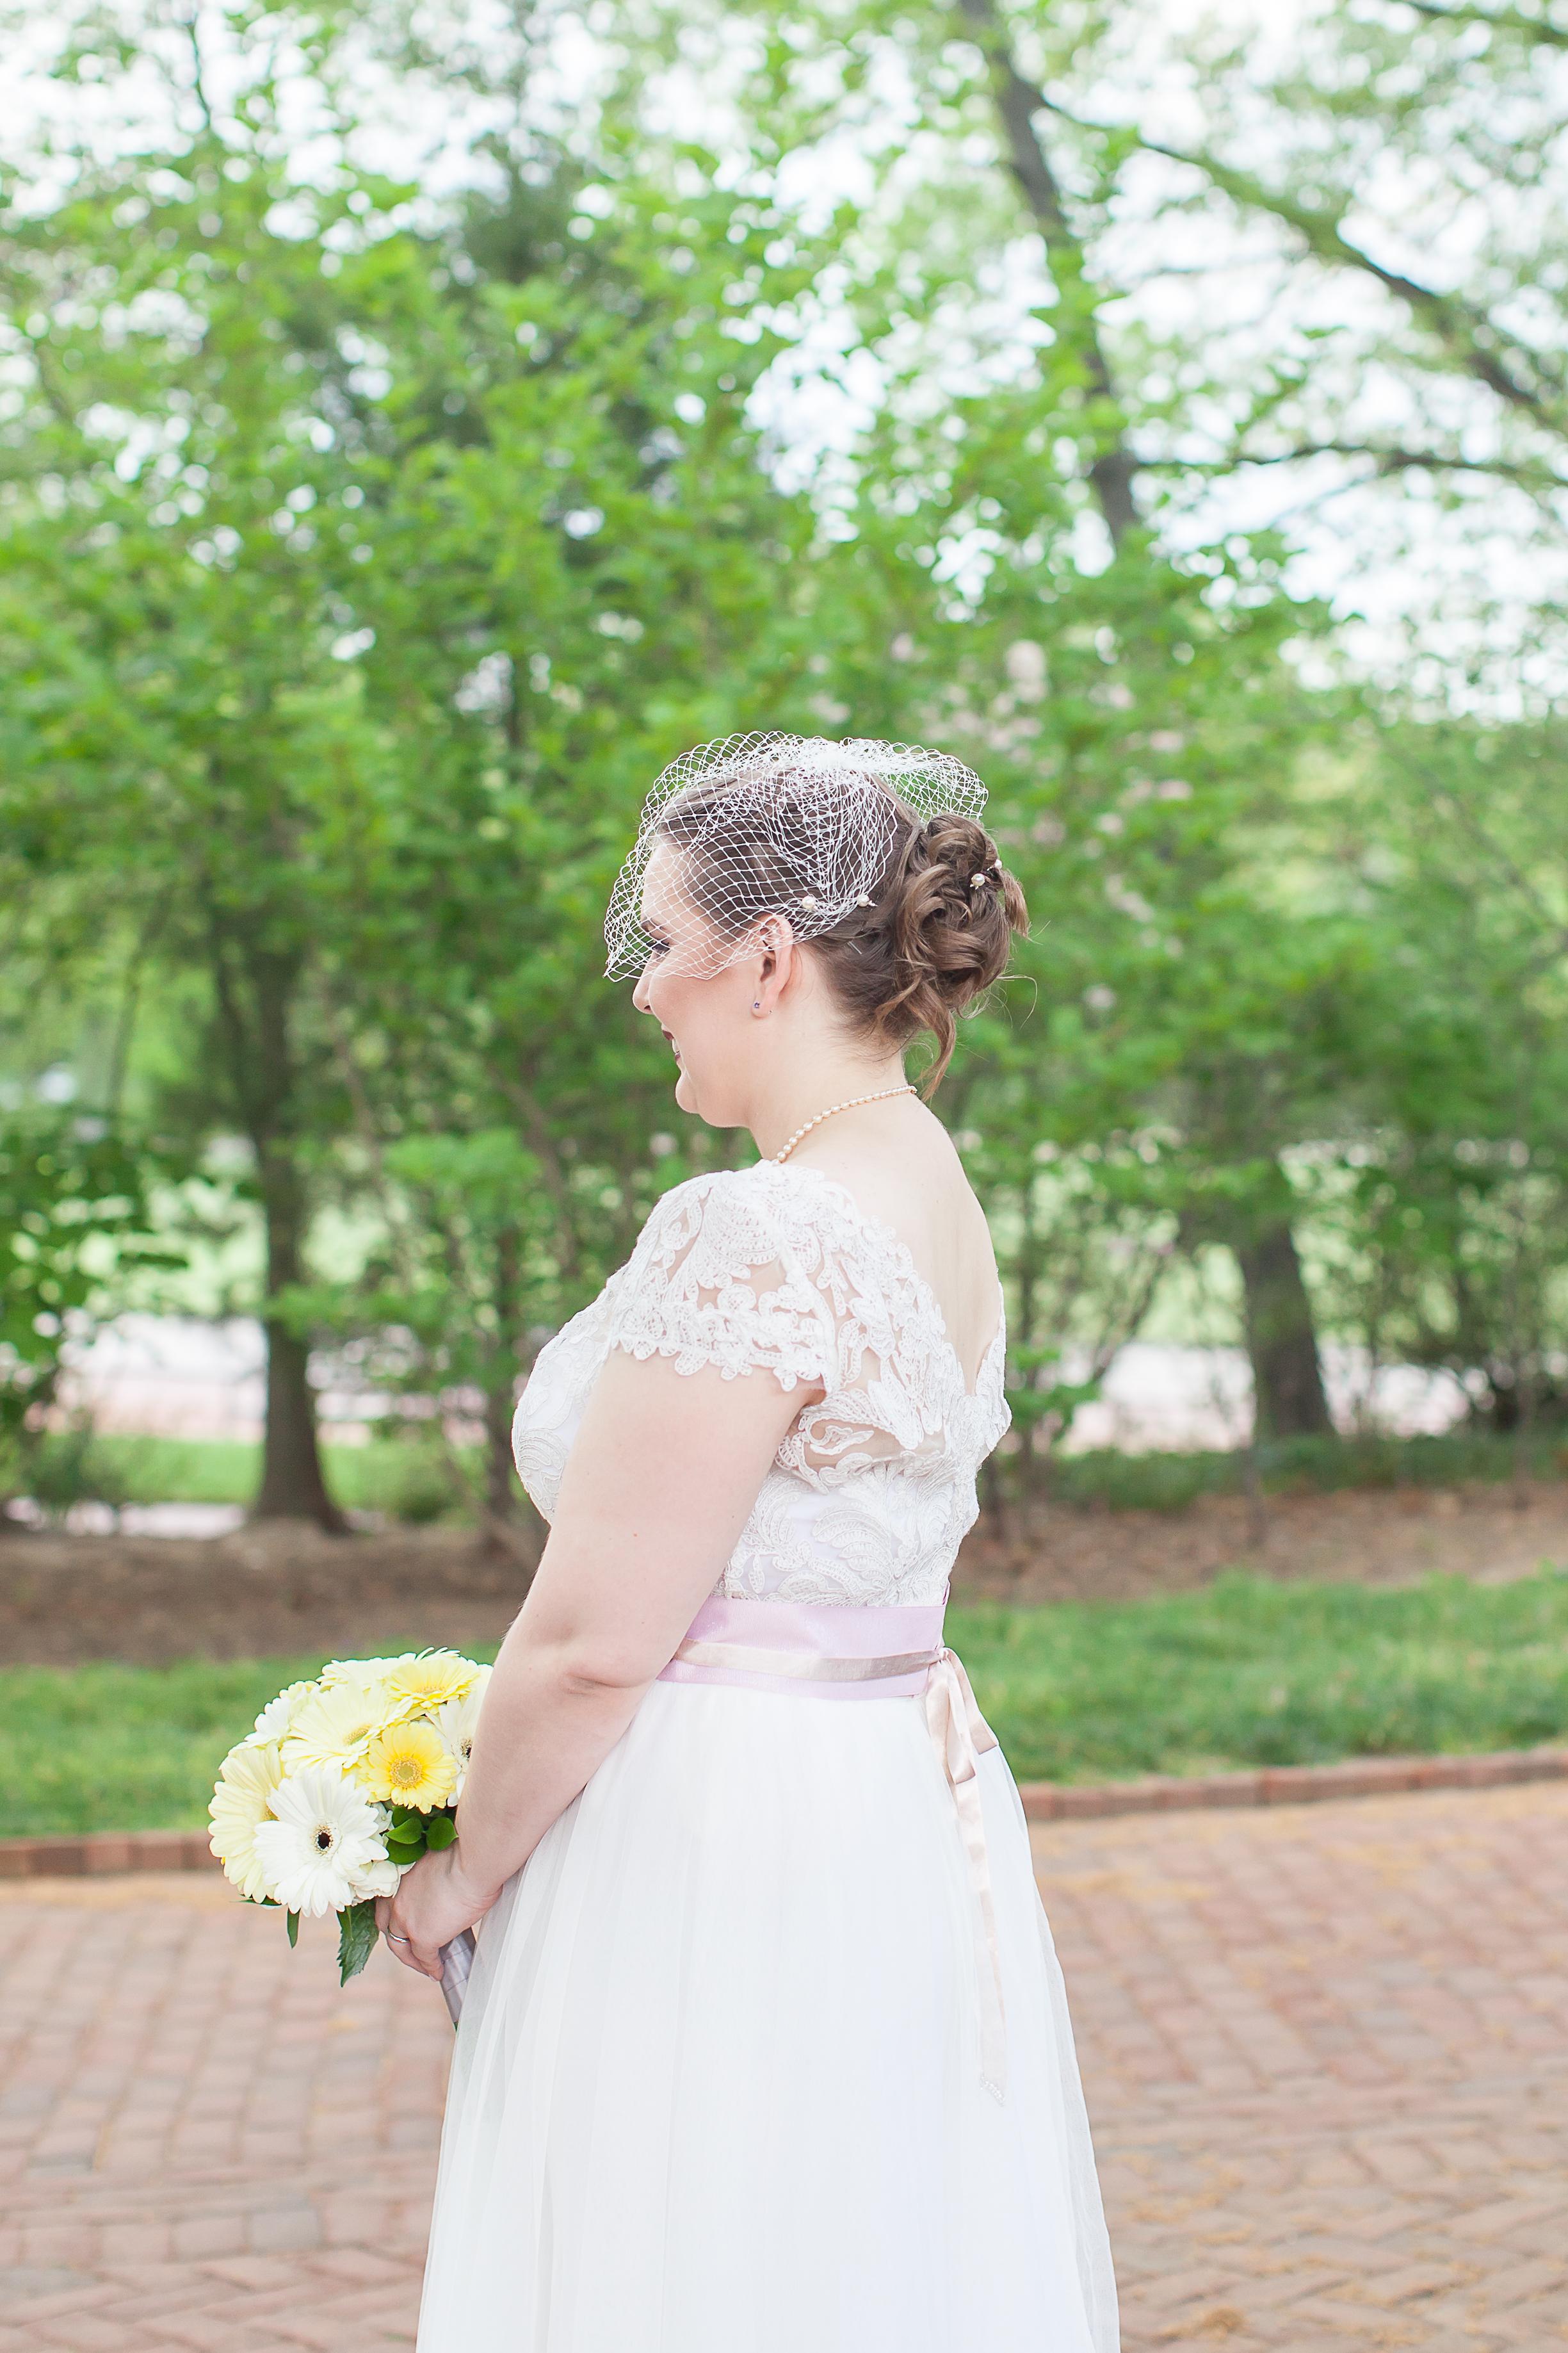 K-S-Wedding-Kim-Pham-Clark-Photography-296.jpg